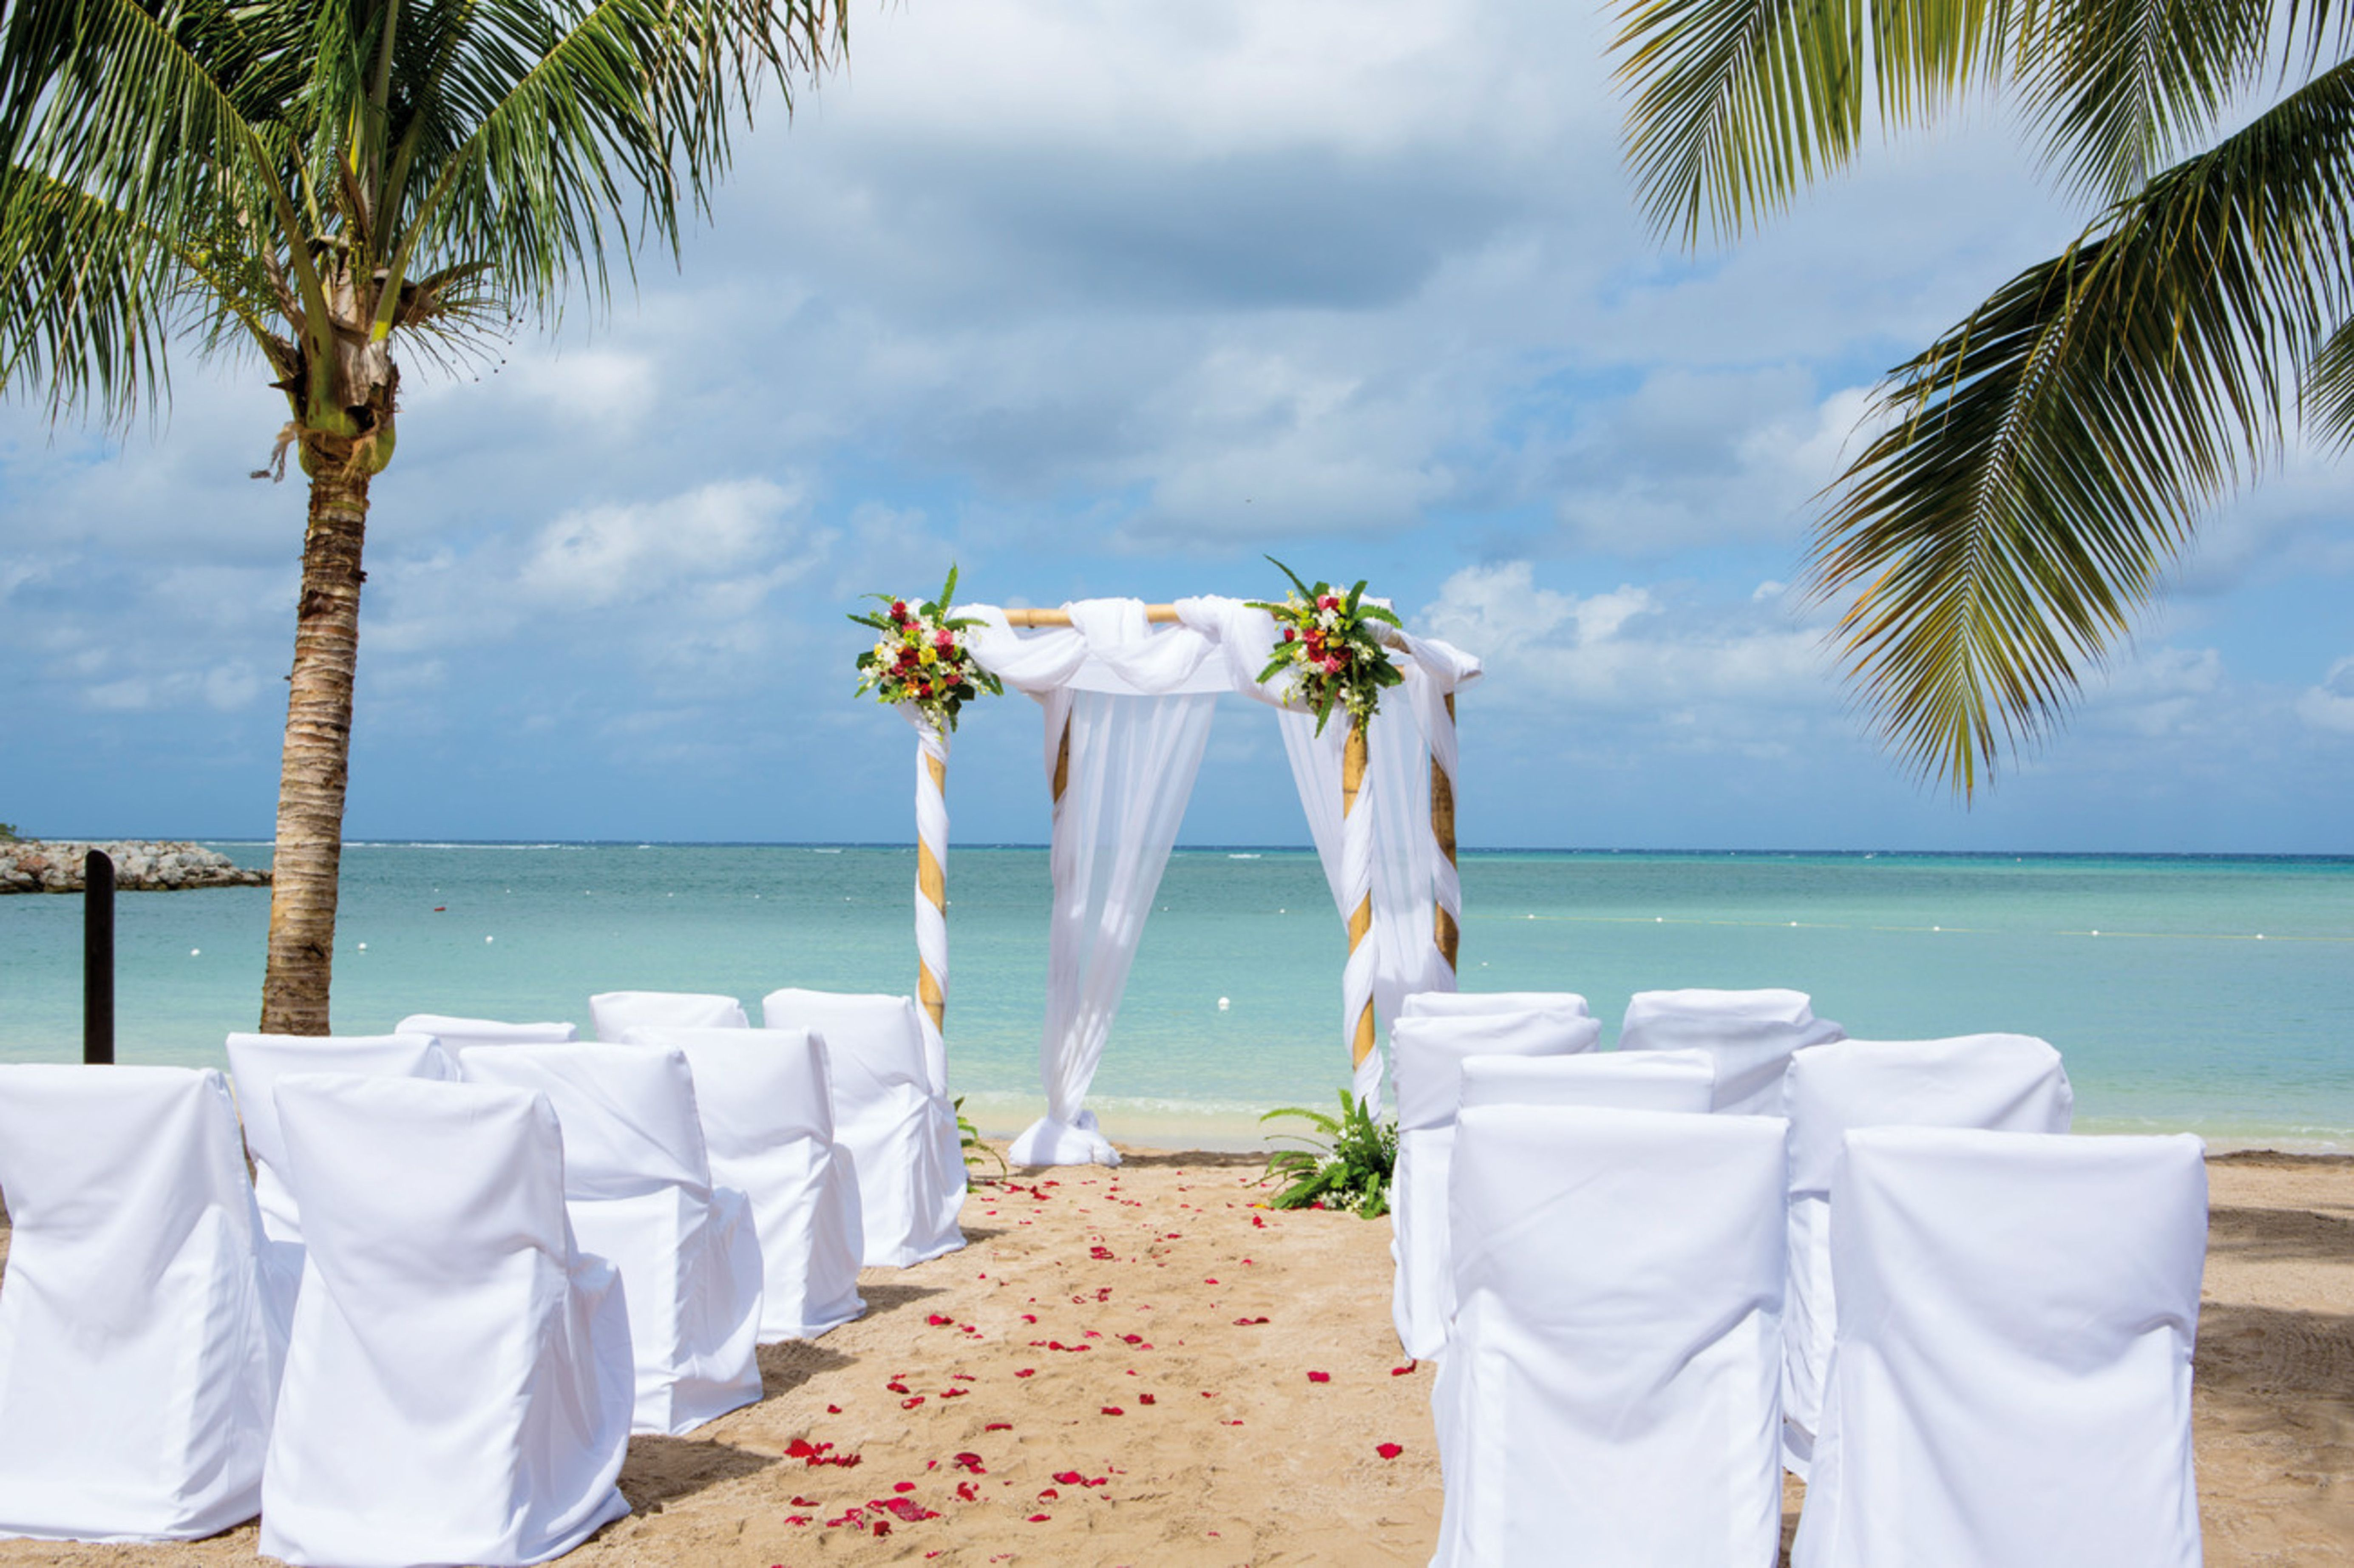 Beach Wedding in Montego Bay, Jamaica Wedding by RIU